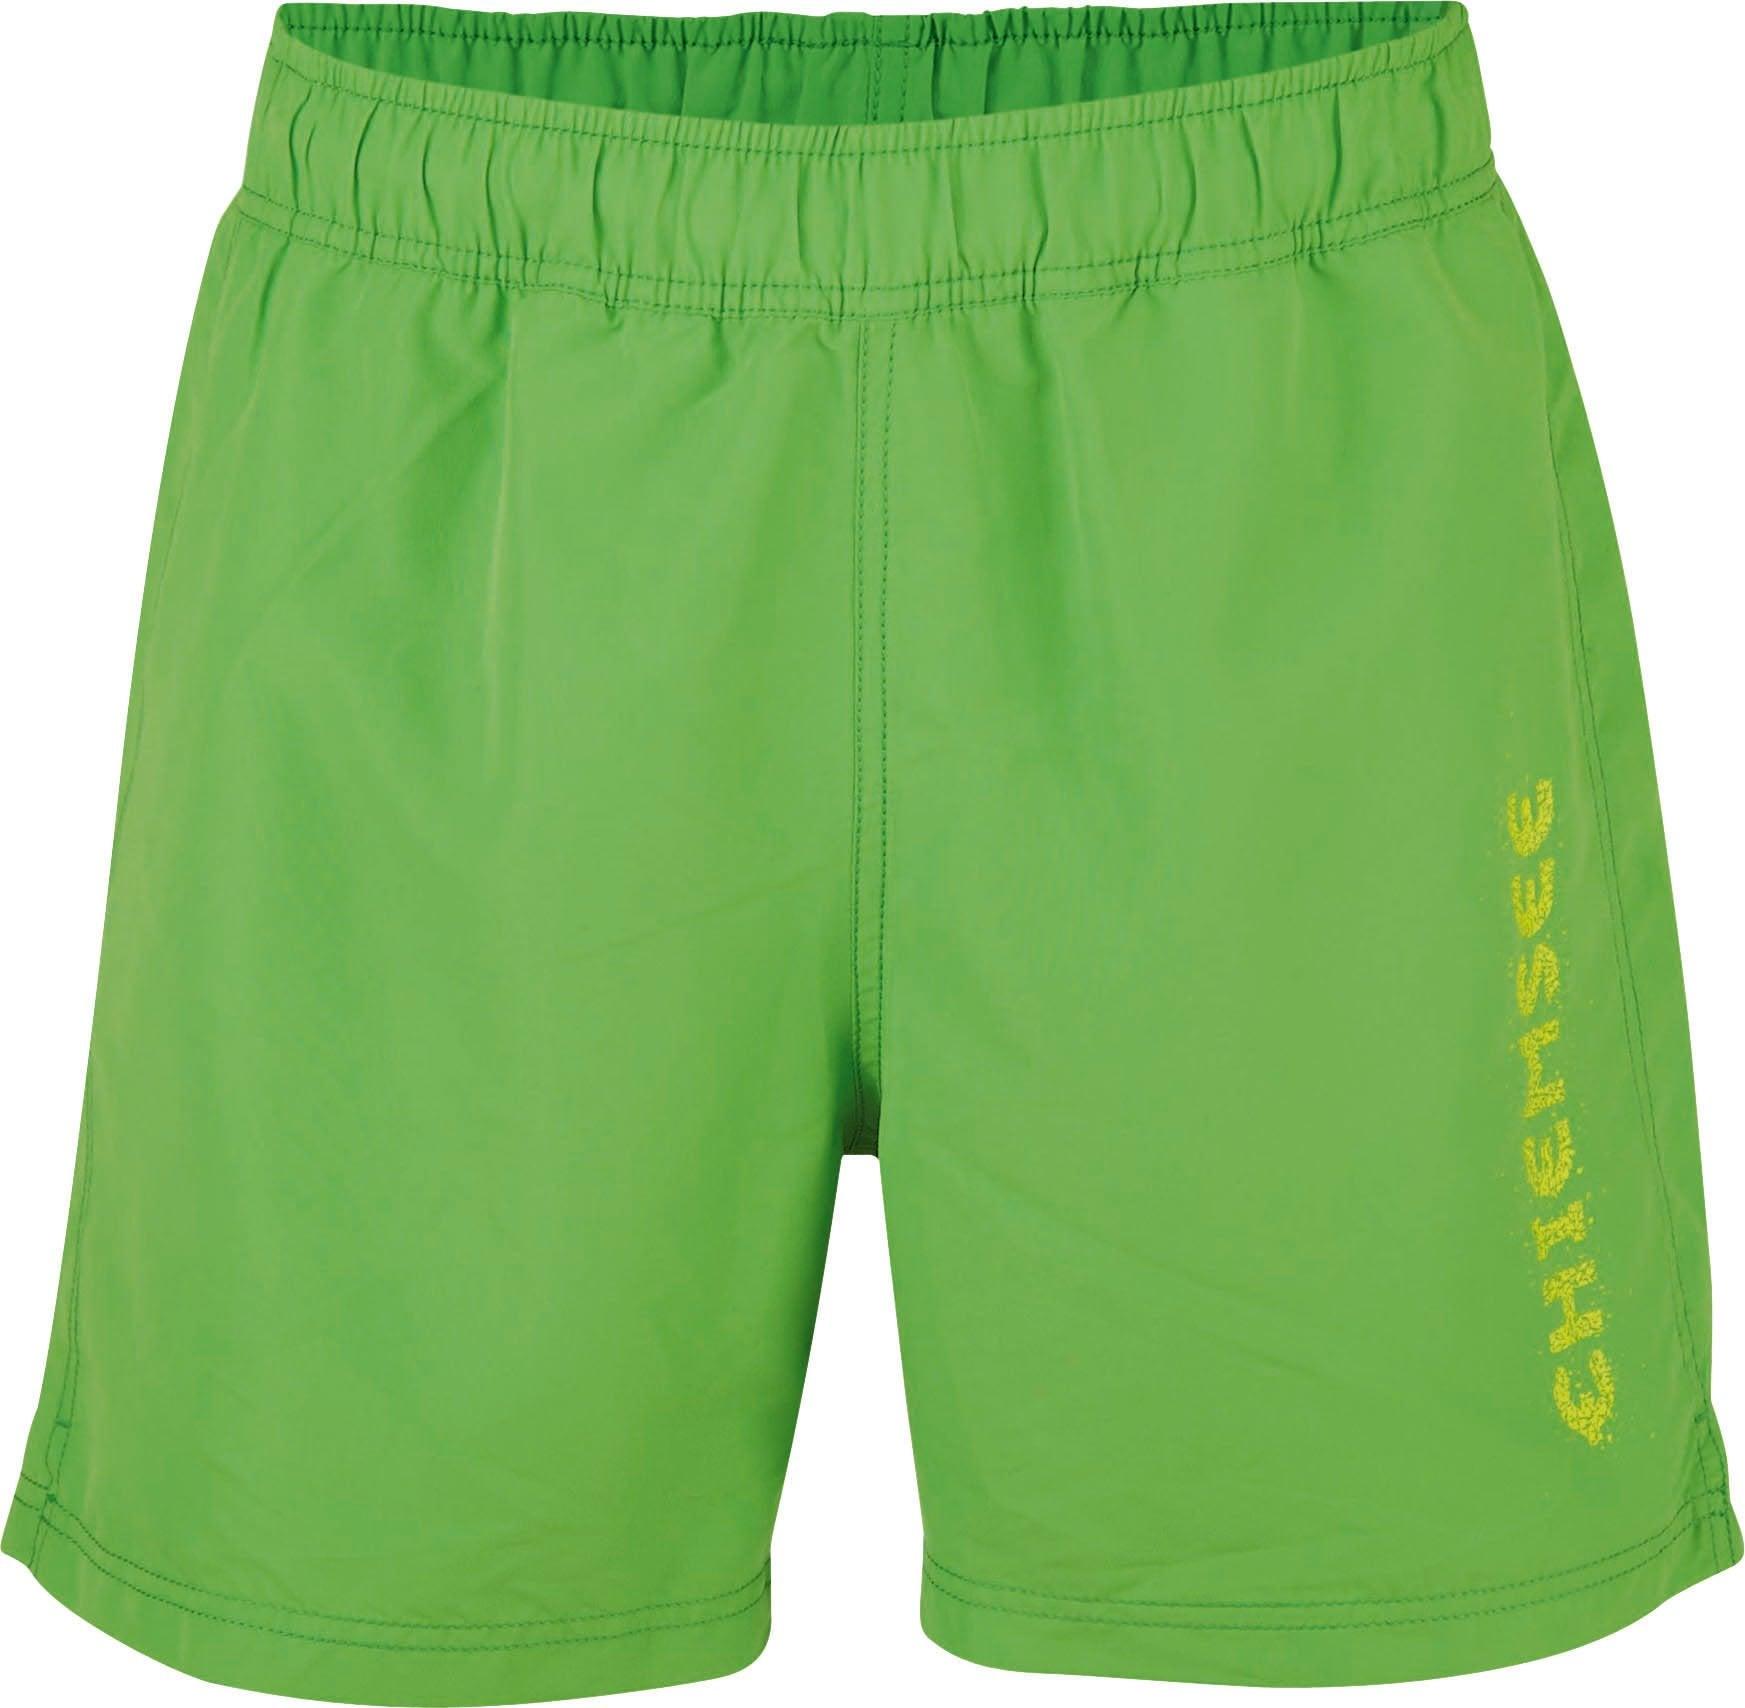 ILARIO 2 Classic Green